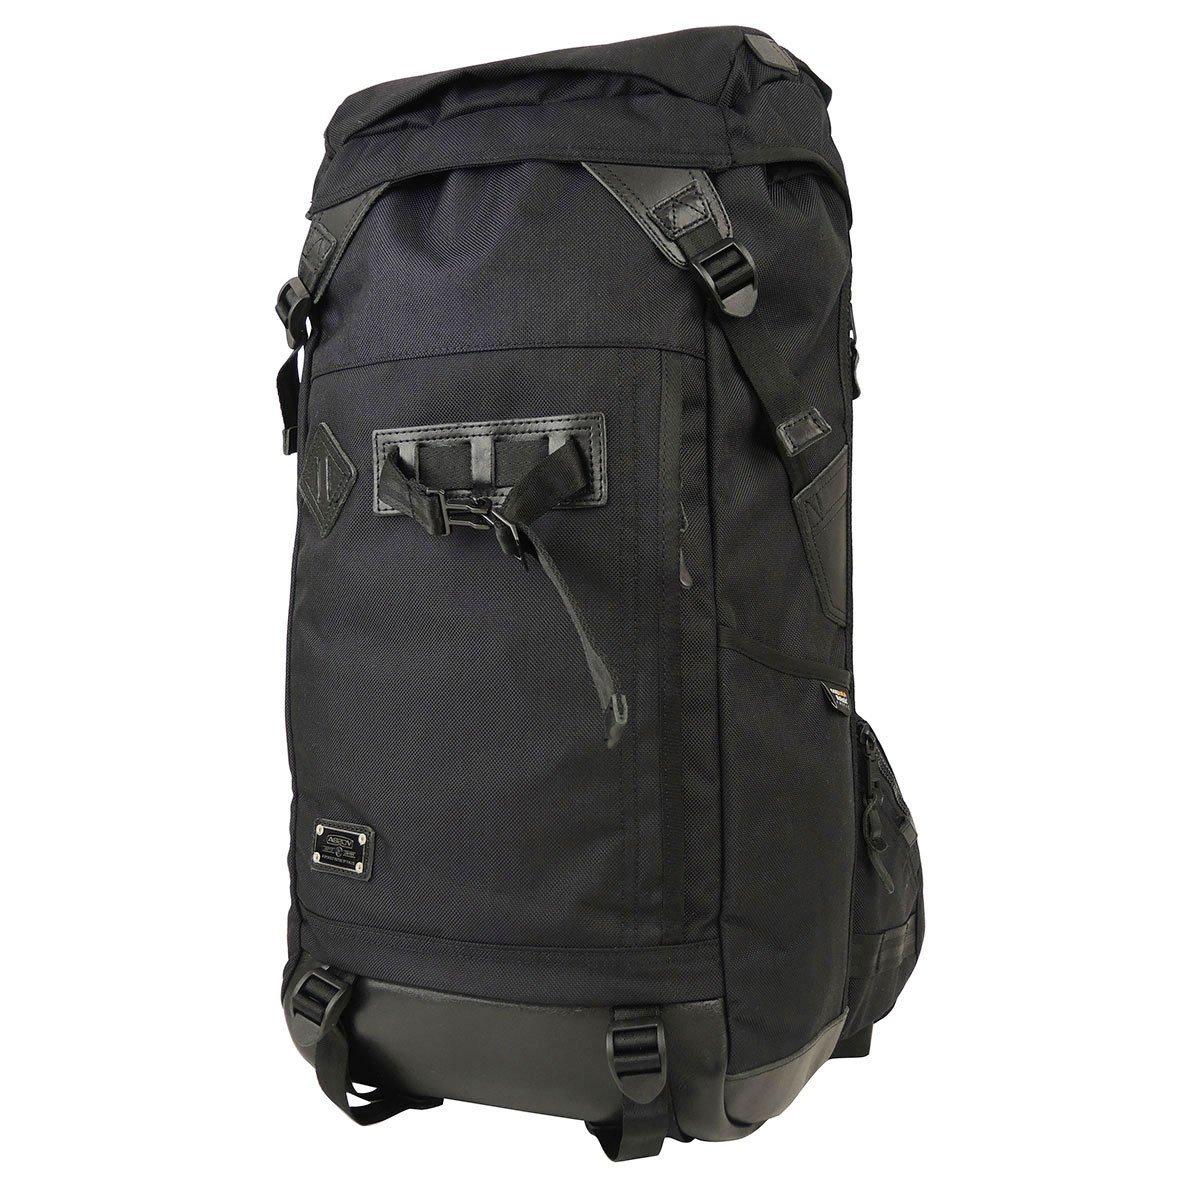 [アッソブ]AS2OV バックパック EXCLUSIVE BALLISTIC NYLON 061301  ブラック(10) B00PA46DA2